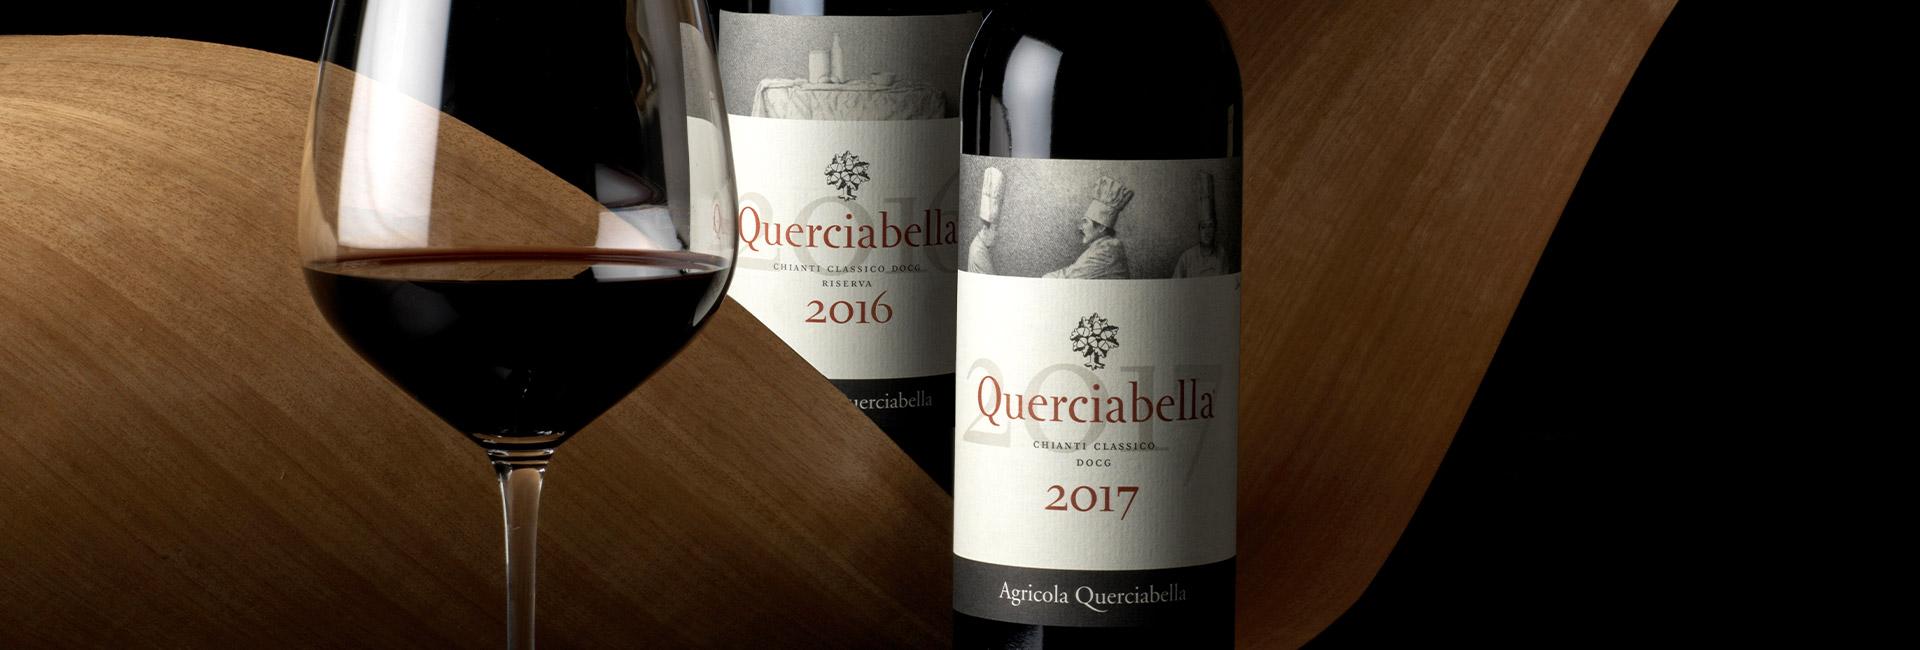 Quarciabella Chianti Classico 2017 e Riserva 2016